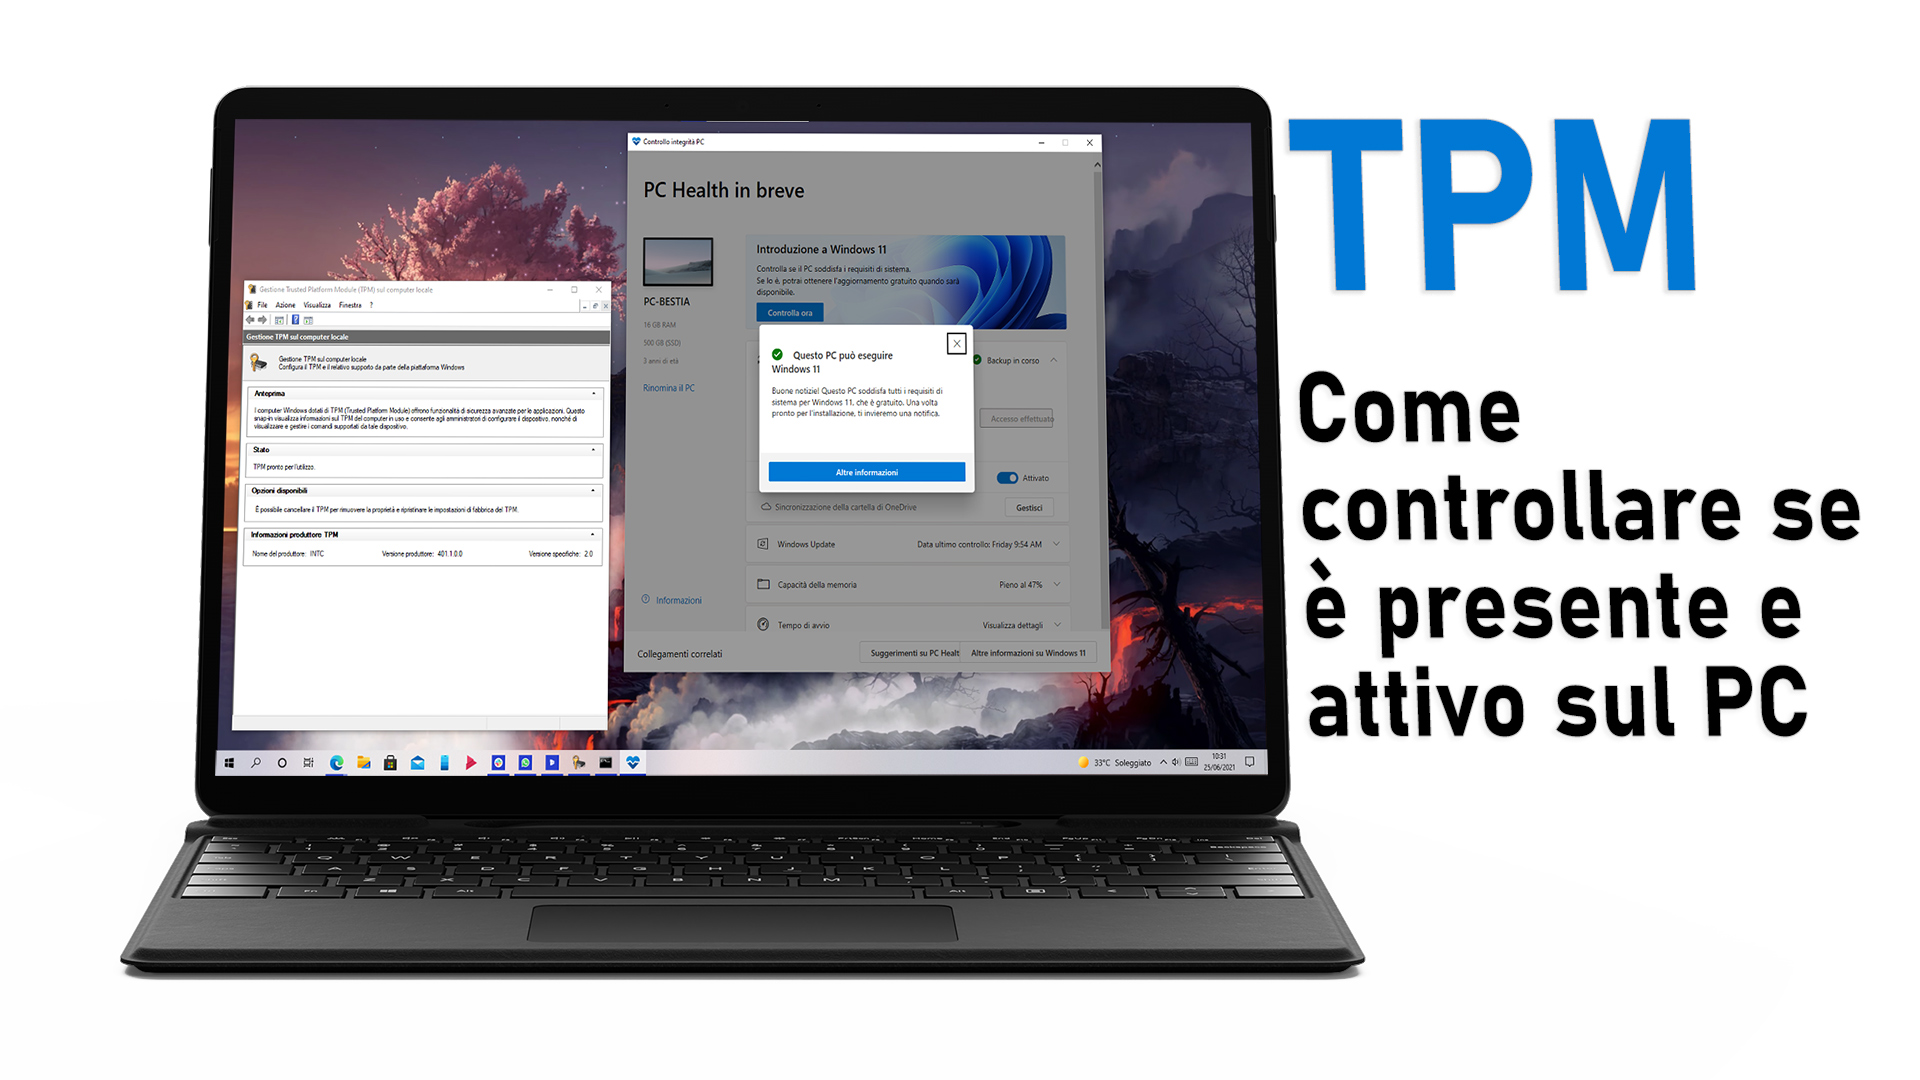 TPM - Come controllare se è presente e attivo sul PC con Windows 10